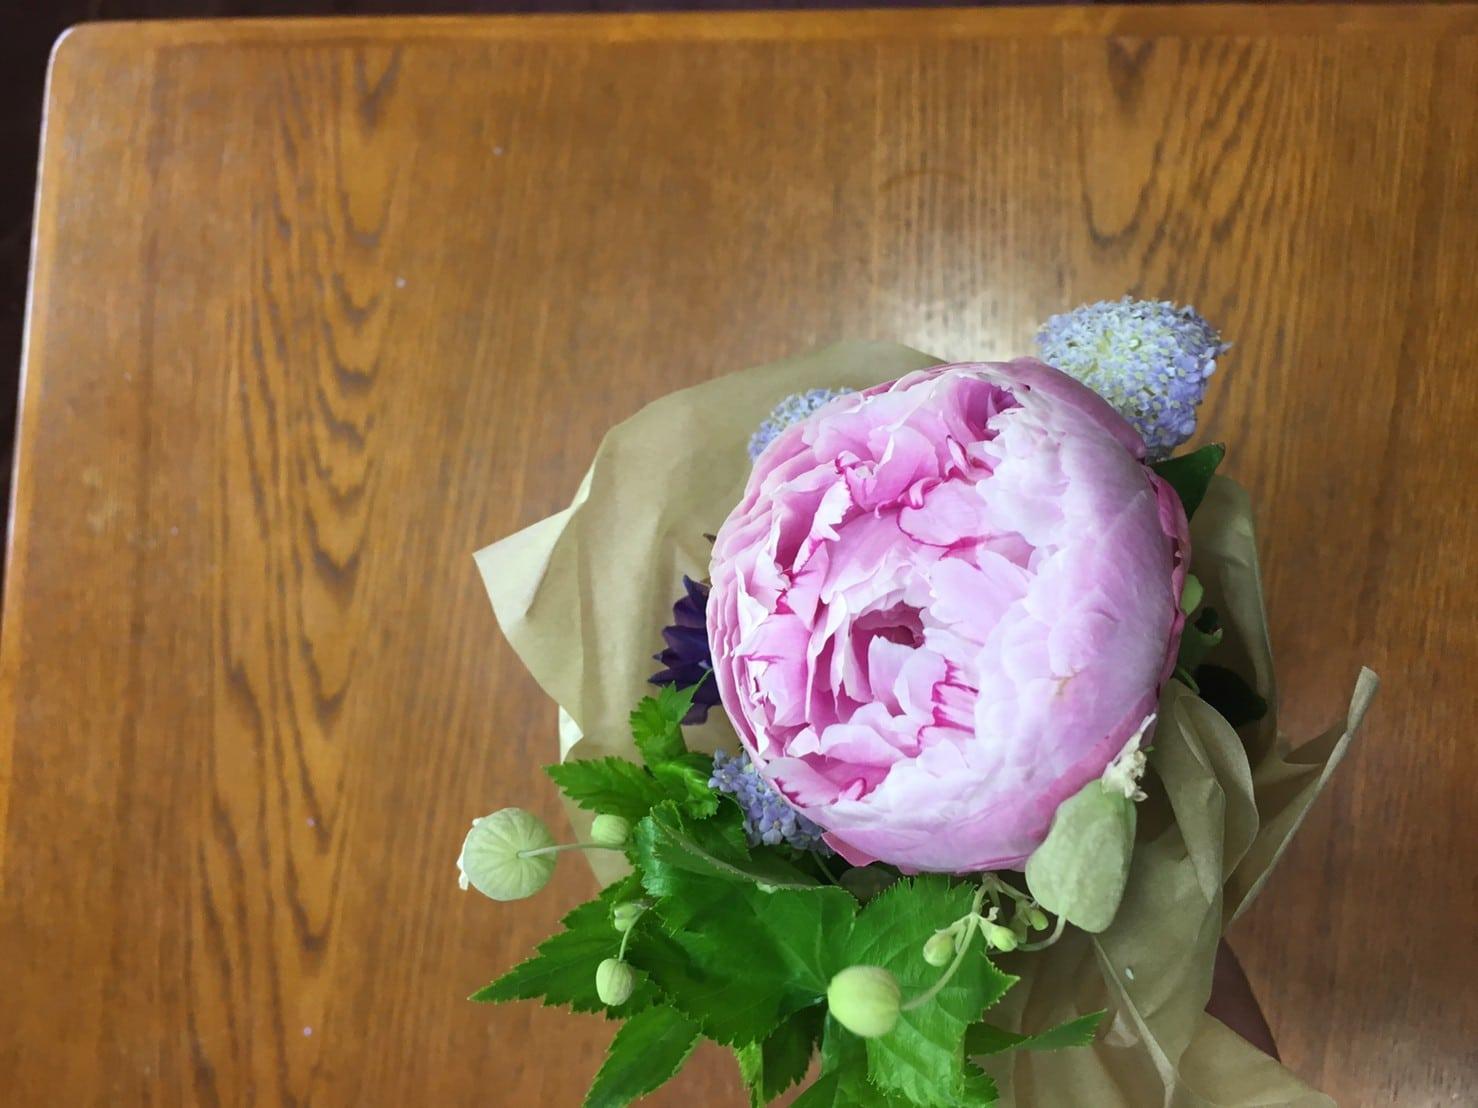 ブルーミーのピンクのお花